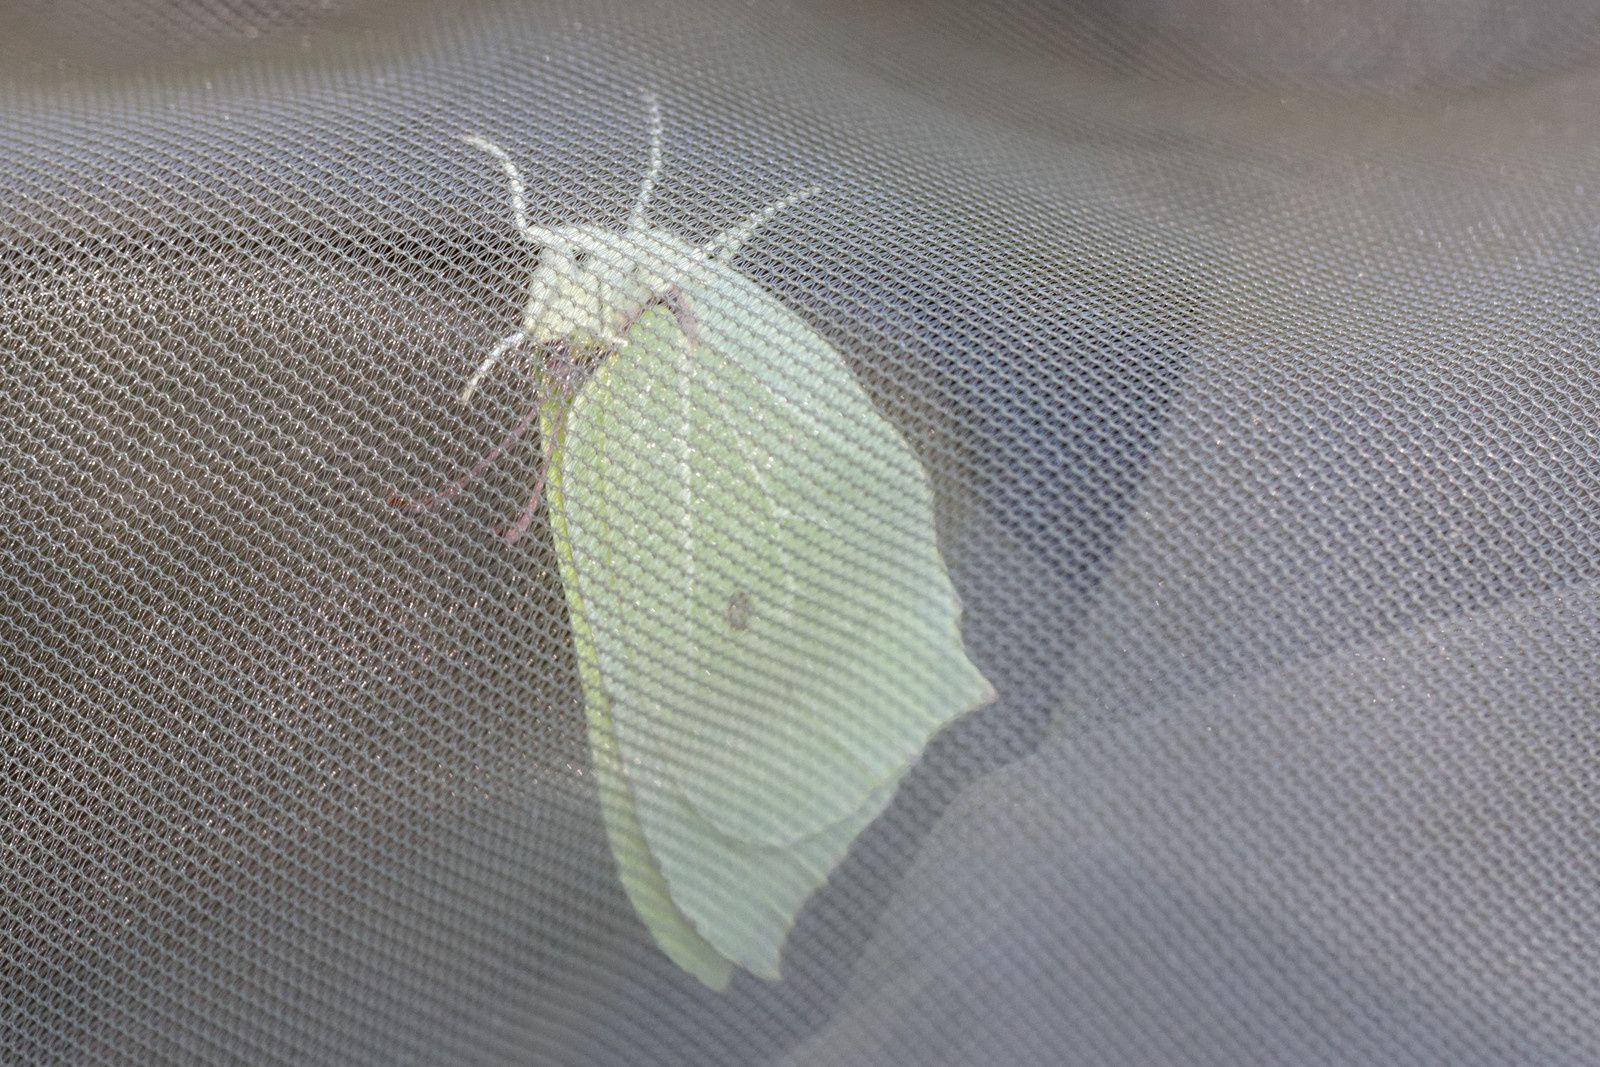 188 - Sortie Papillons au Grand-Voyeux : 27/06/2015